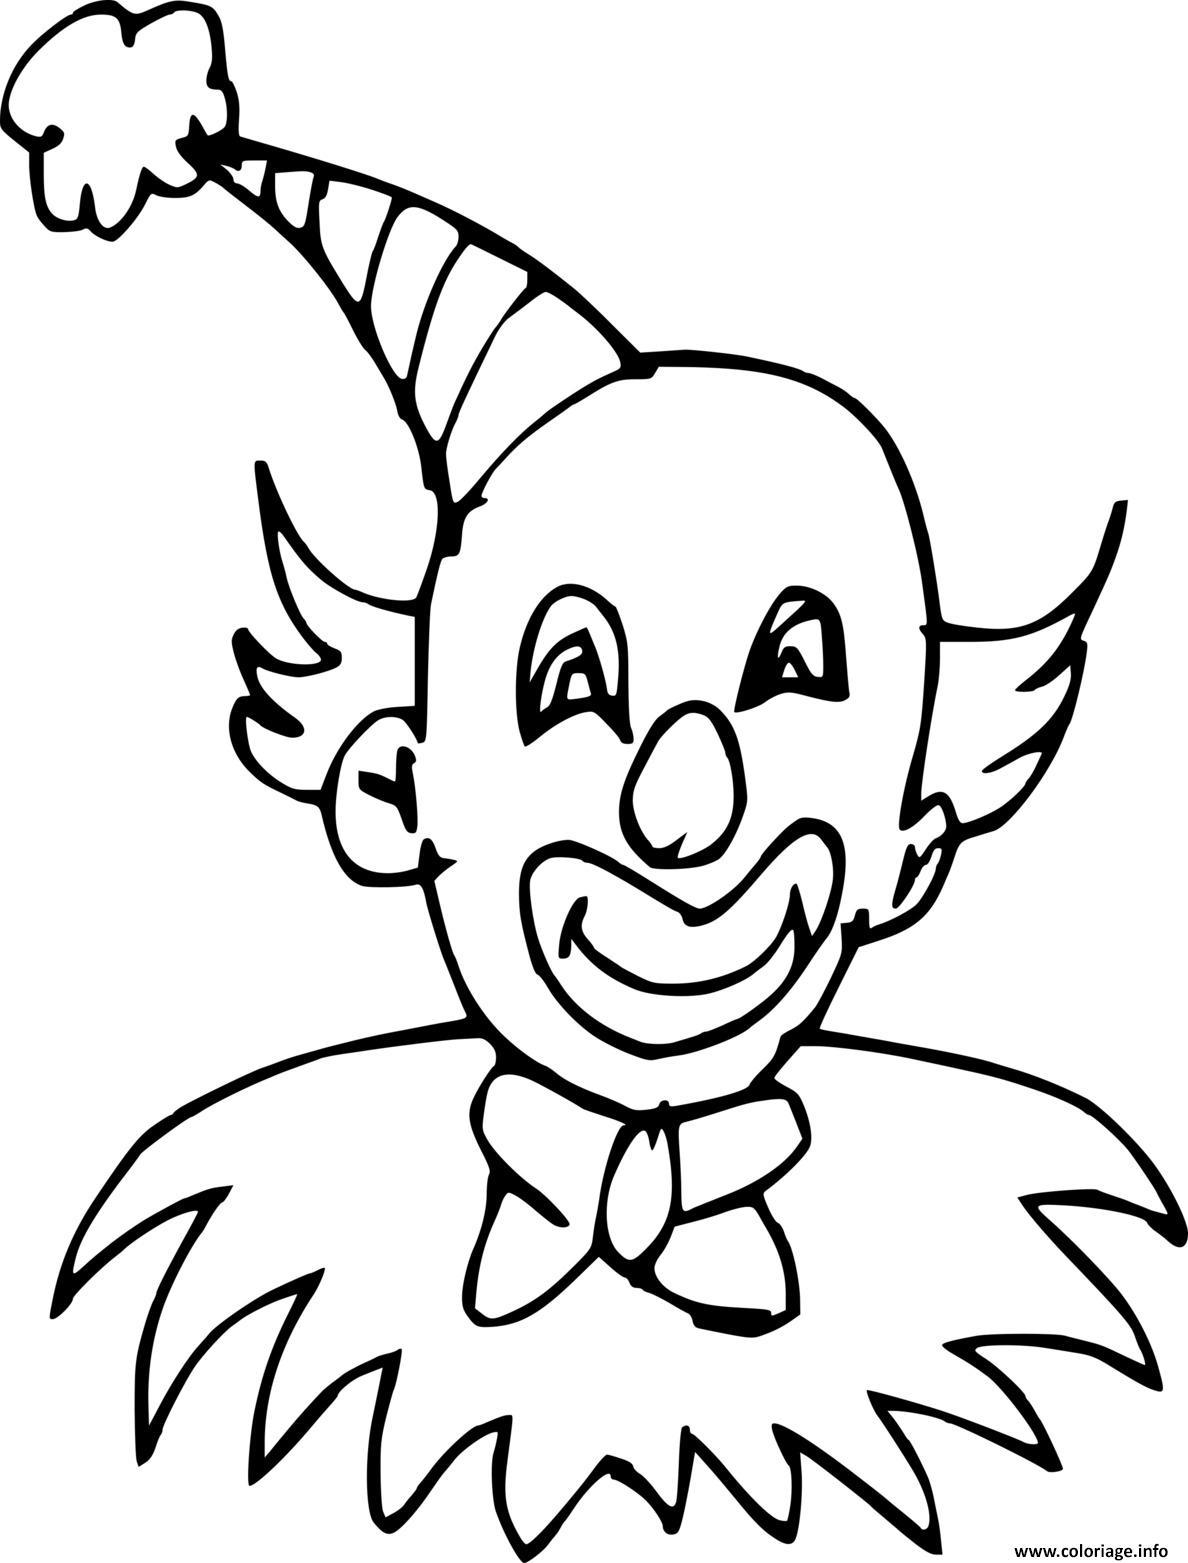 Dessin un clown chauve Coloriage Gratuit à Imprimer